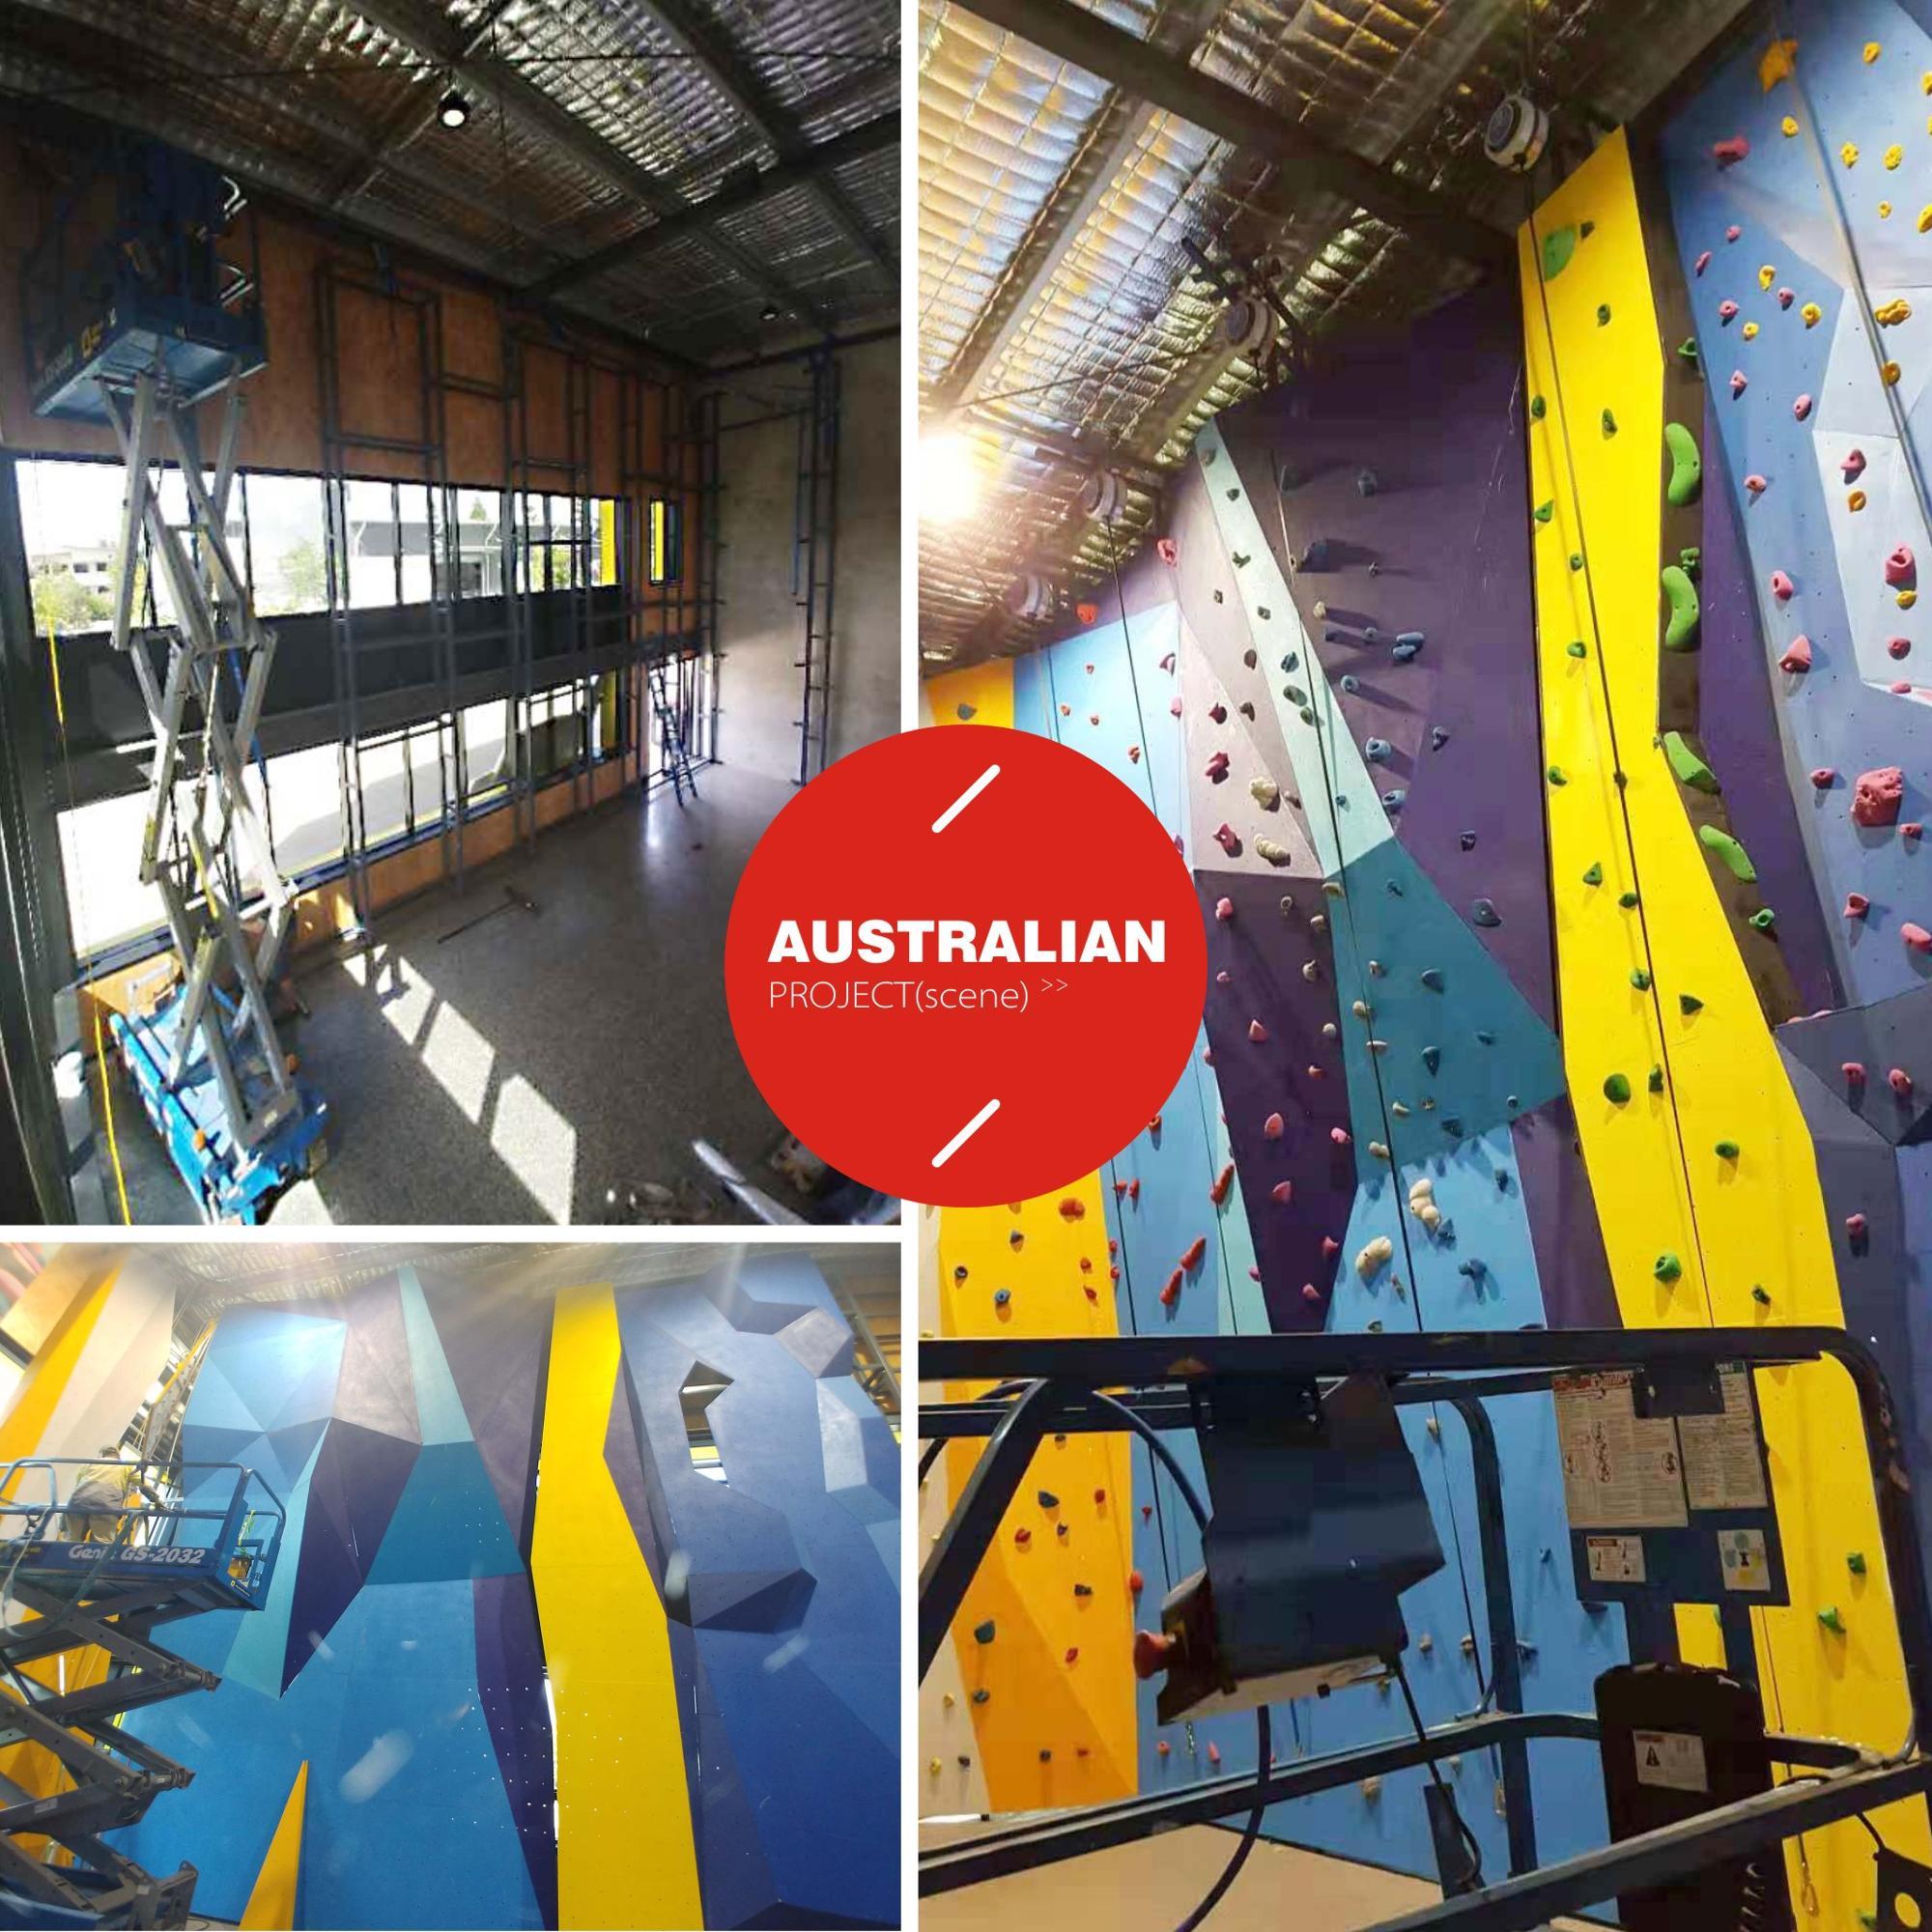 Guangzhou fitness park fiberglass boulders convex climbing wall